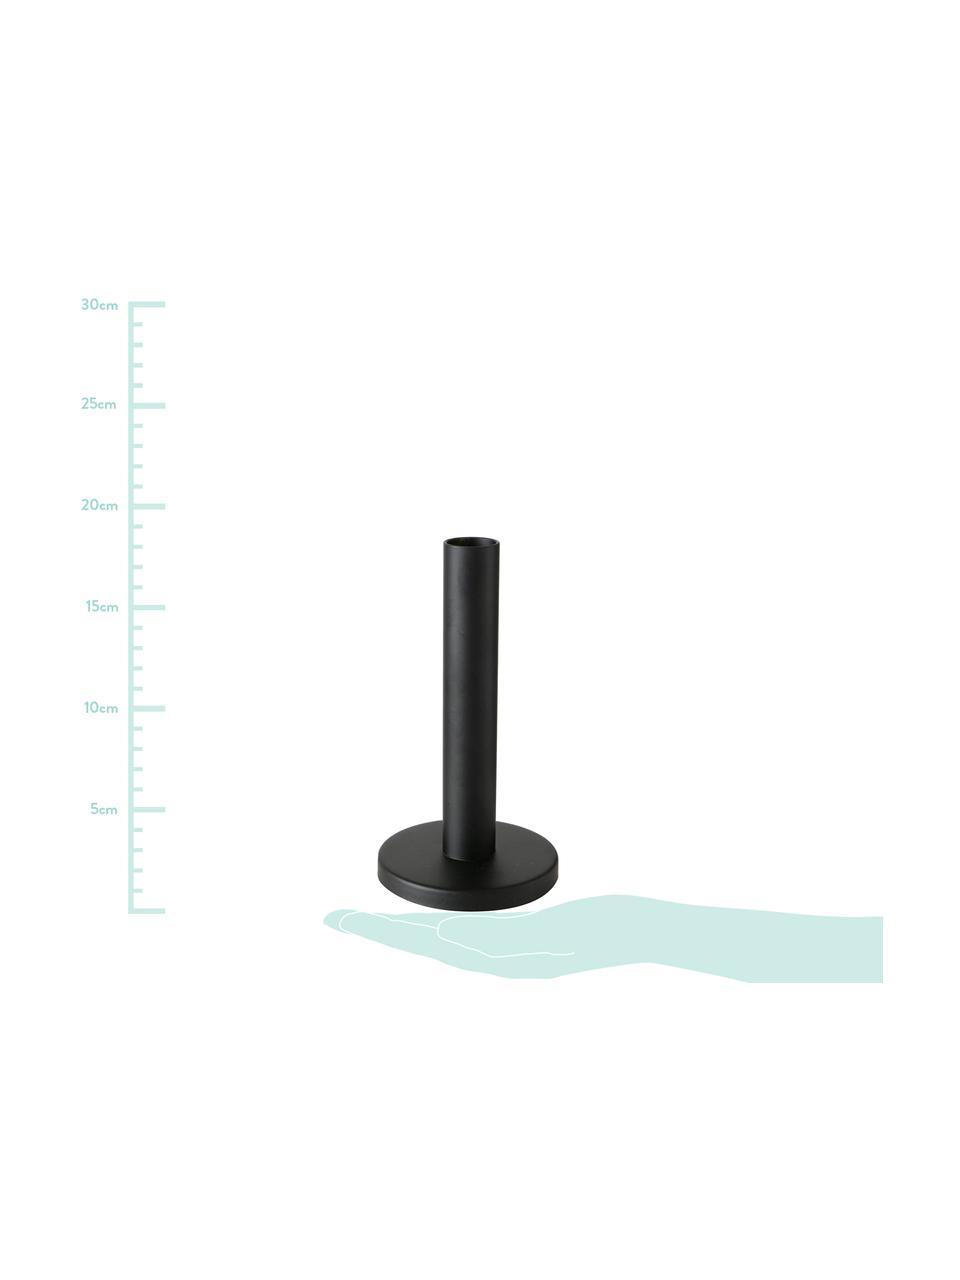 Kerzenhalter-Set Malko, 3-tlg., Metall, beschichtet, Schwarz, Sondergrößen